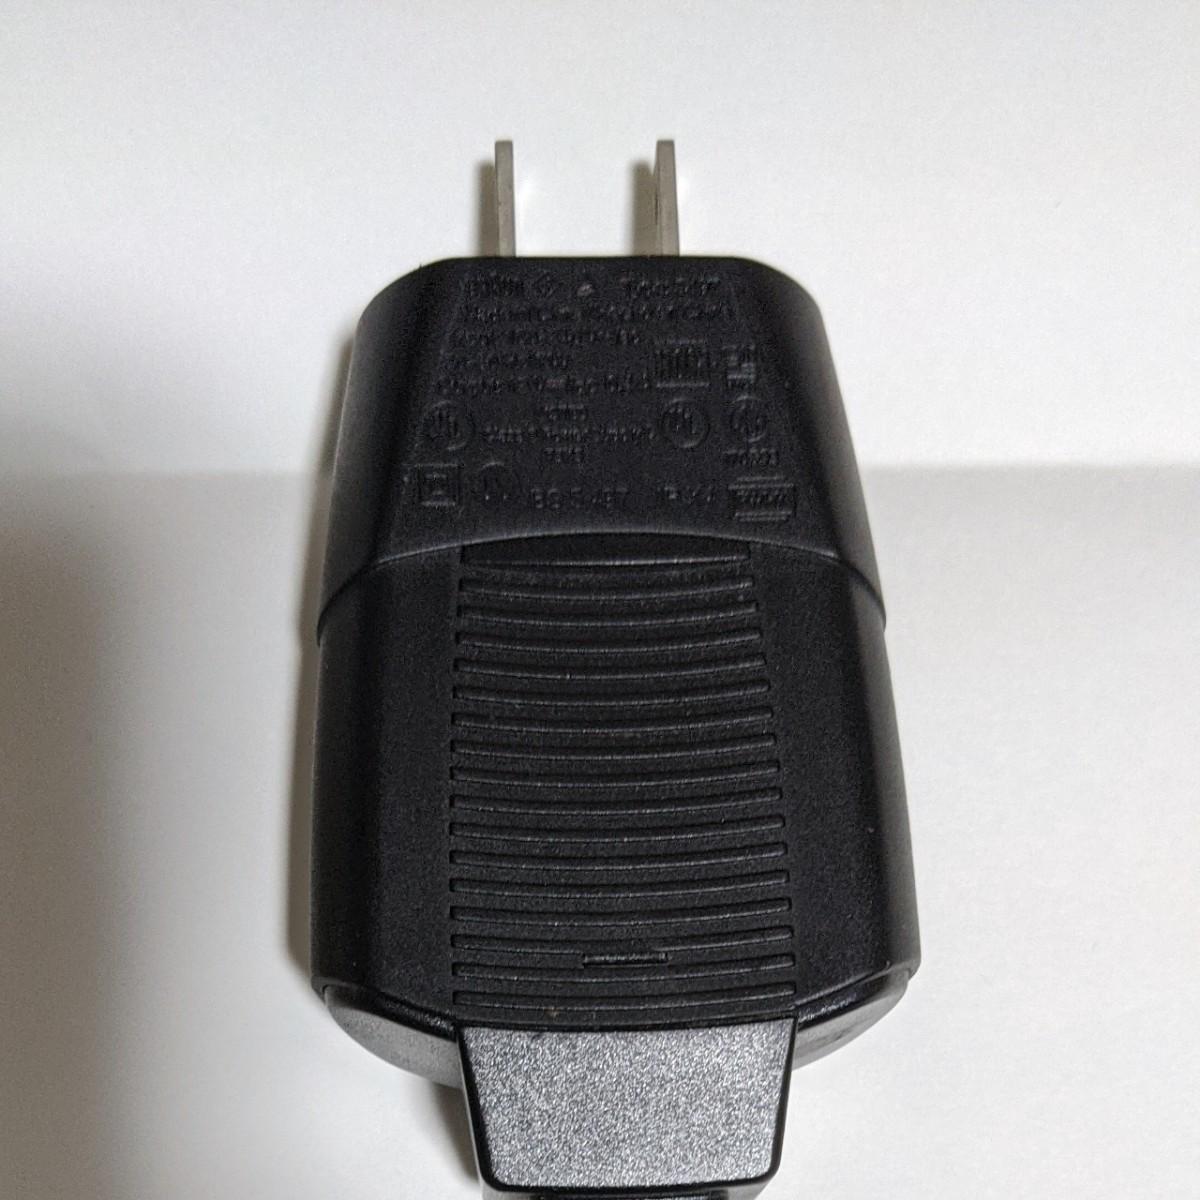 BRAUN ブラウン 電気シェーバー 充電器